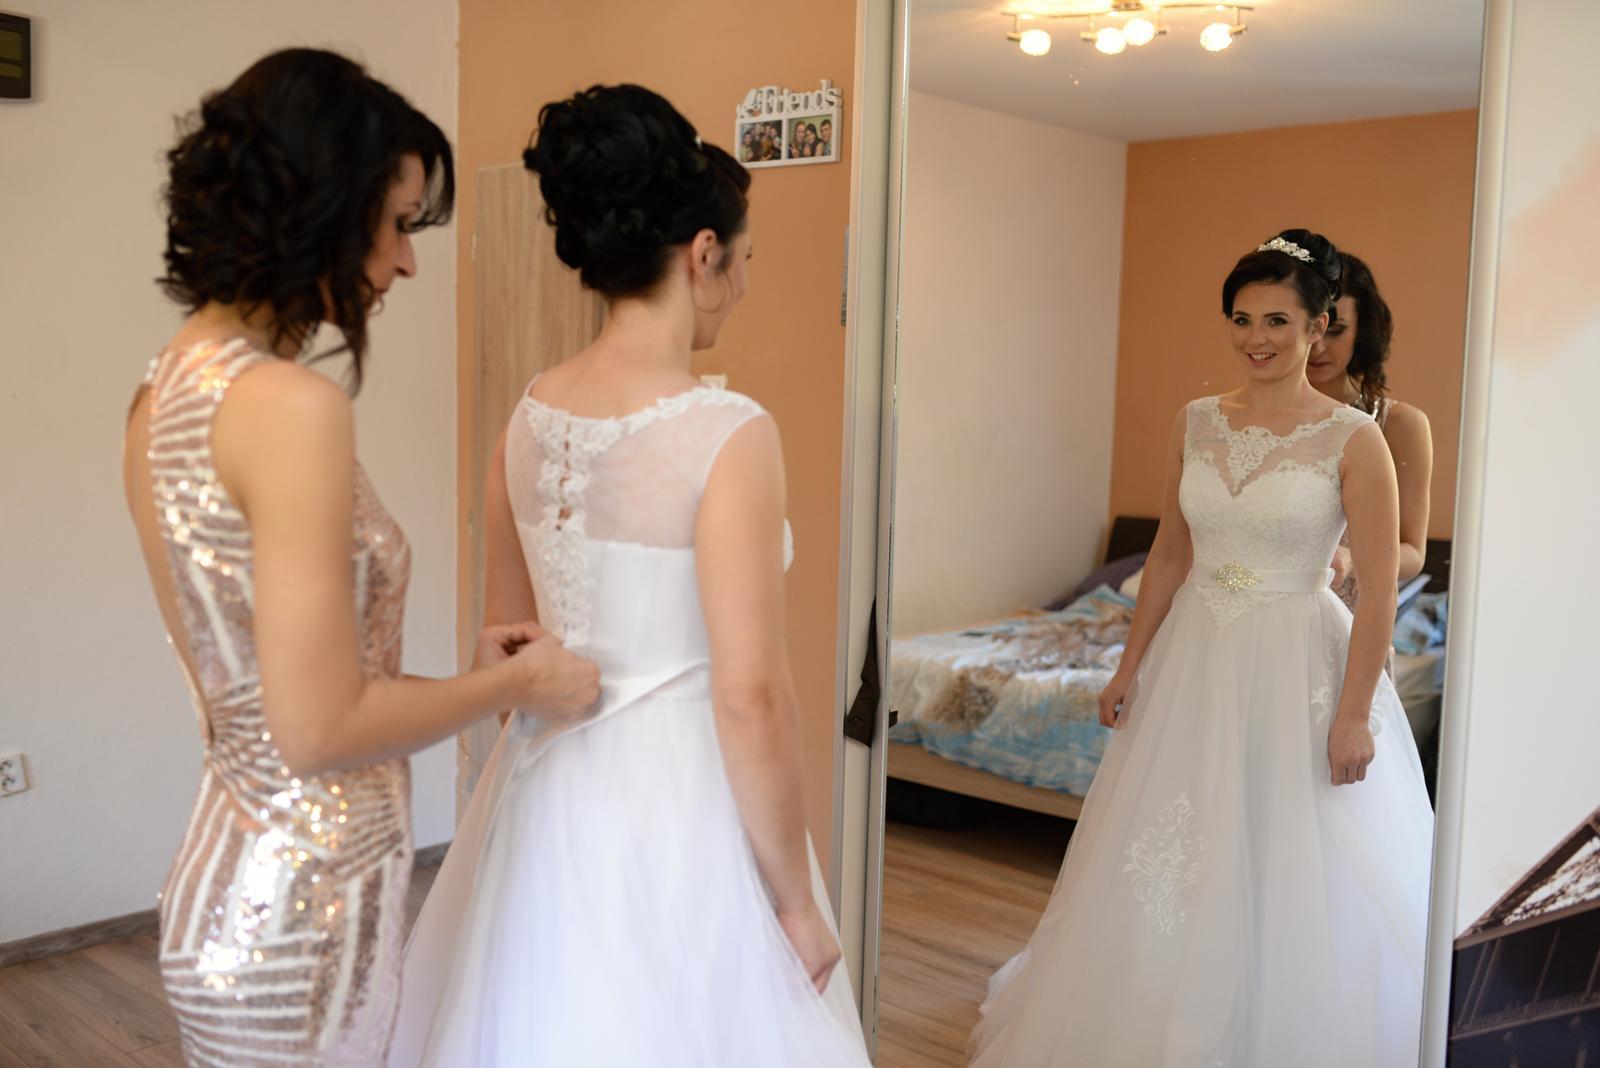 Svadobné šaty 36-38 - Obrázok č. 4